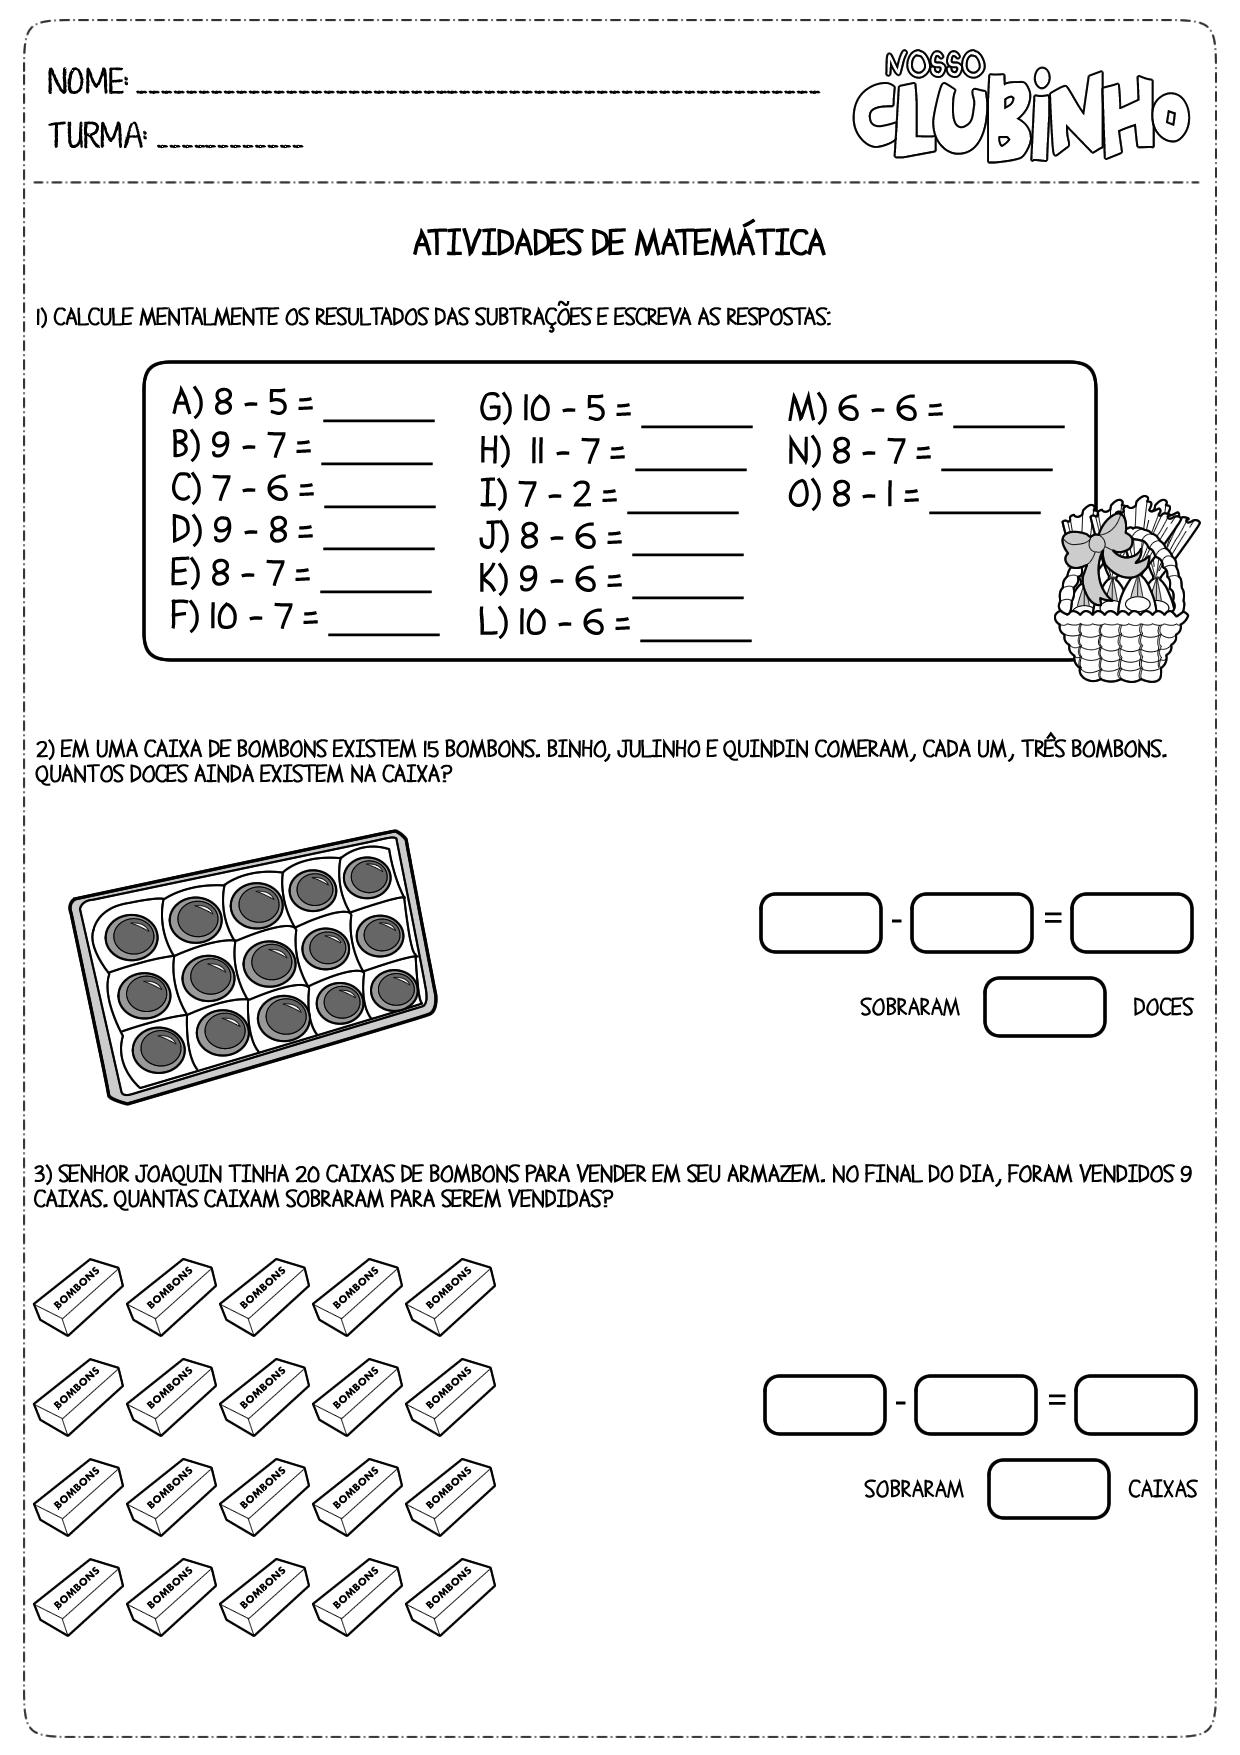 Suficiente atividades de matemática - Página 2 de 4 - Nosso Clubinho HI08